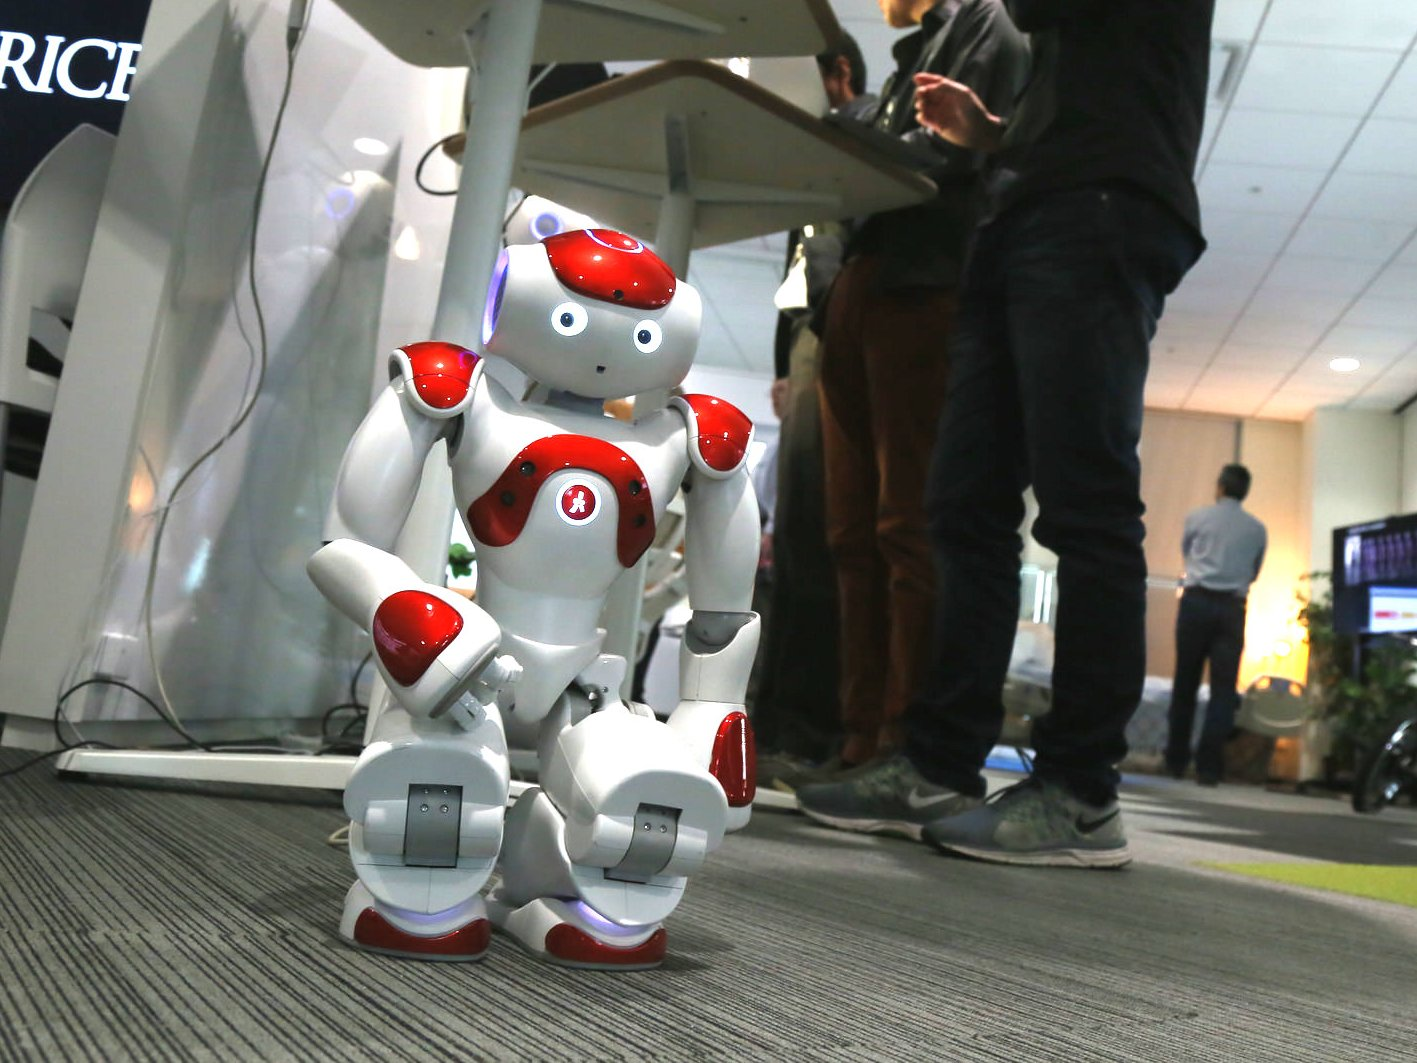 Robots Personnes Aider Les Âgées Ensemble Pour Kozh Des Tl1KcFJ